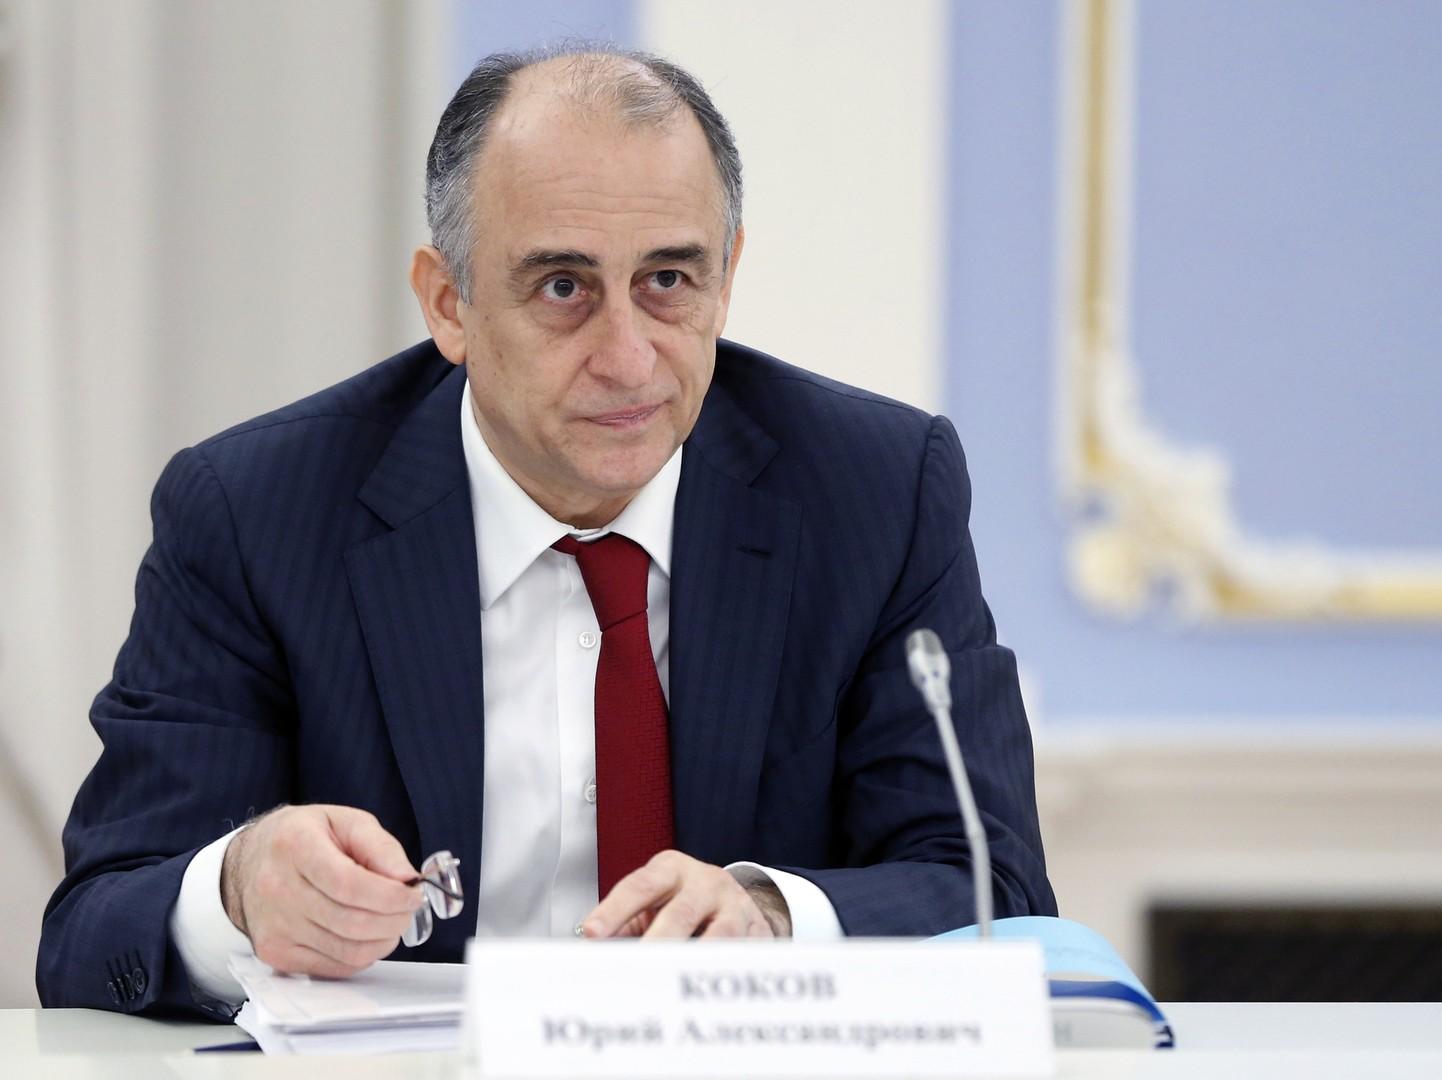 روسيا: التنظيمات الإرهابية تحاول الحصول على أسلحة بيولوجية ونووية وكيميائية